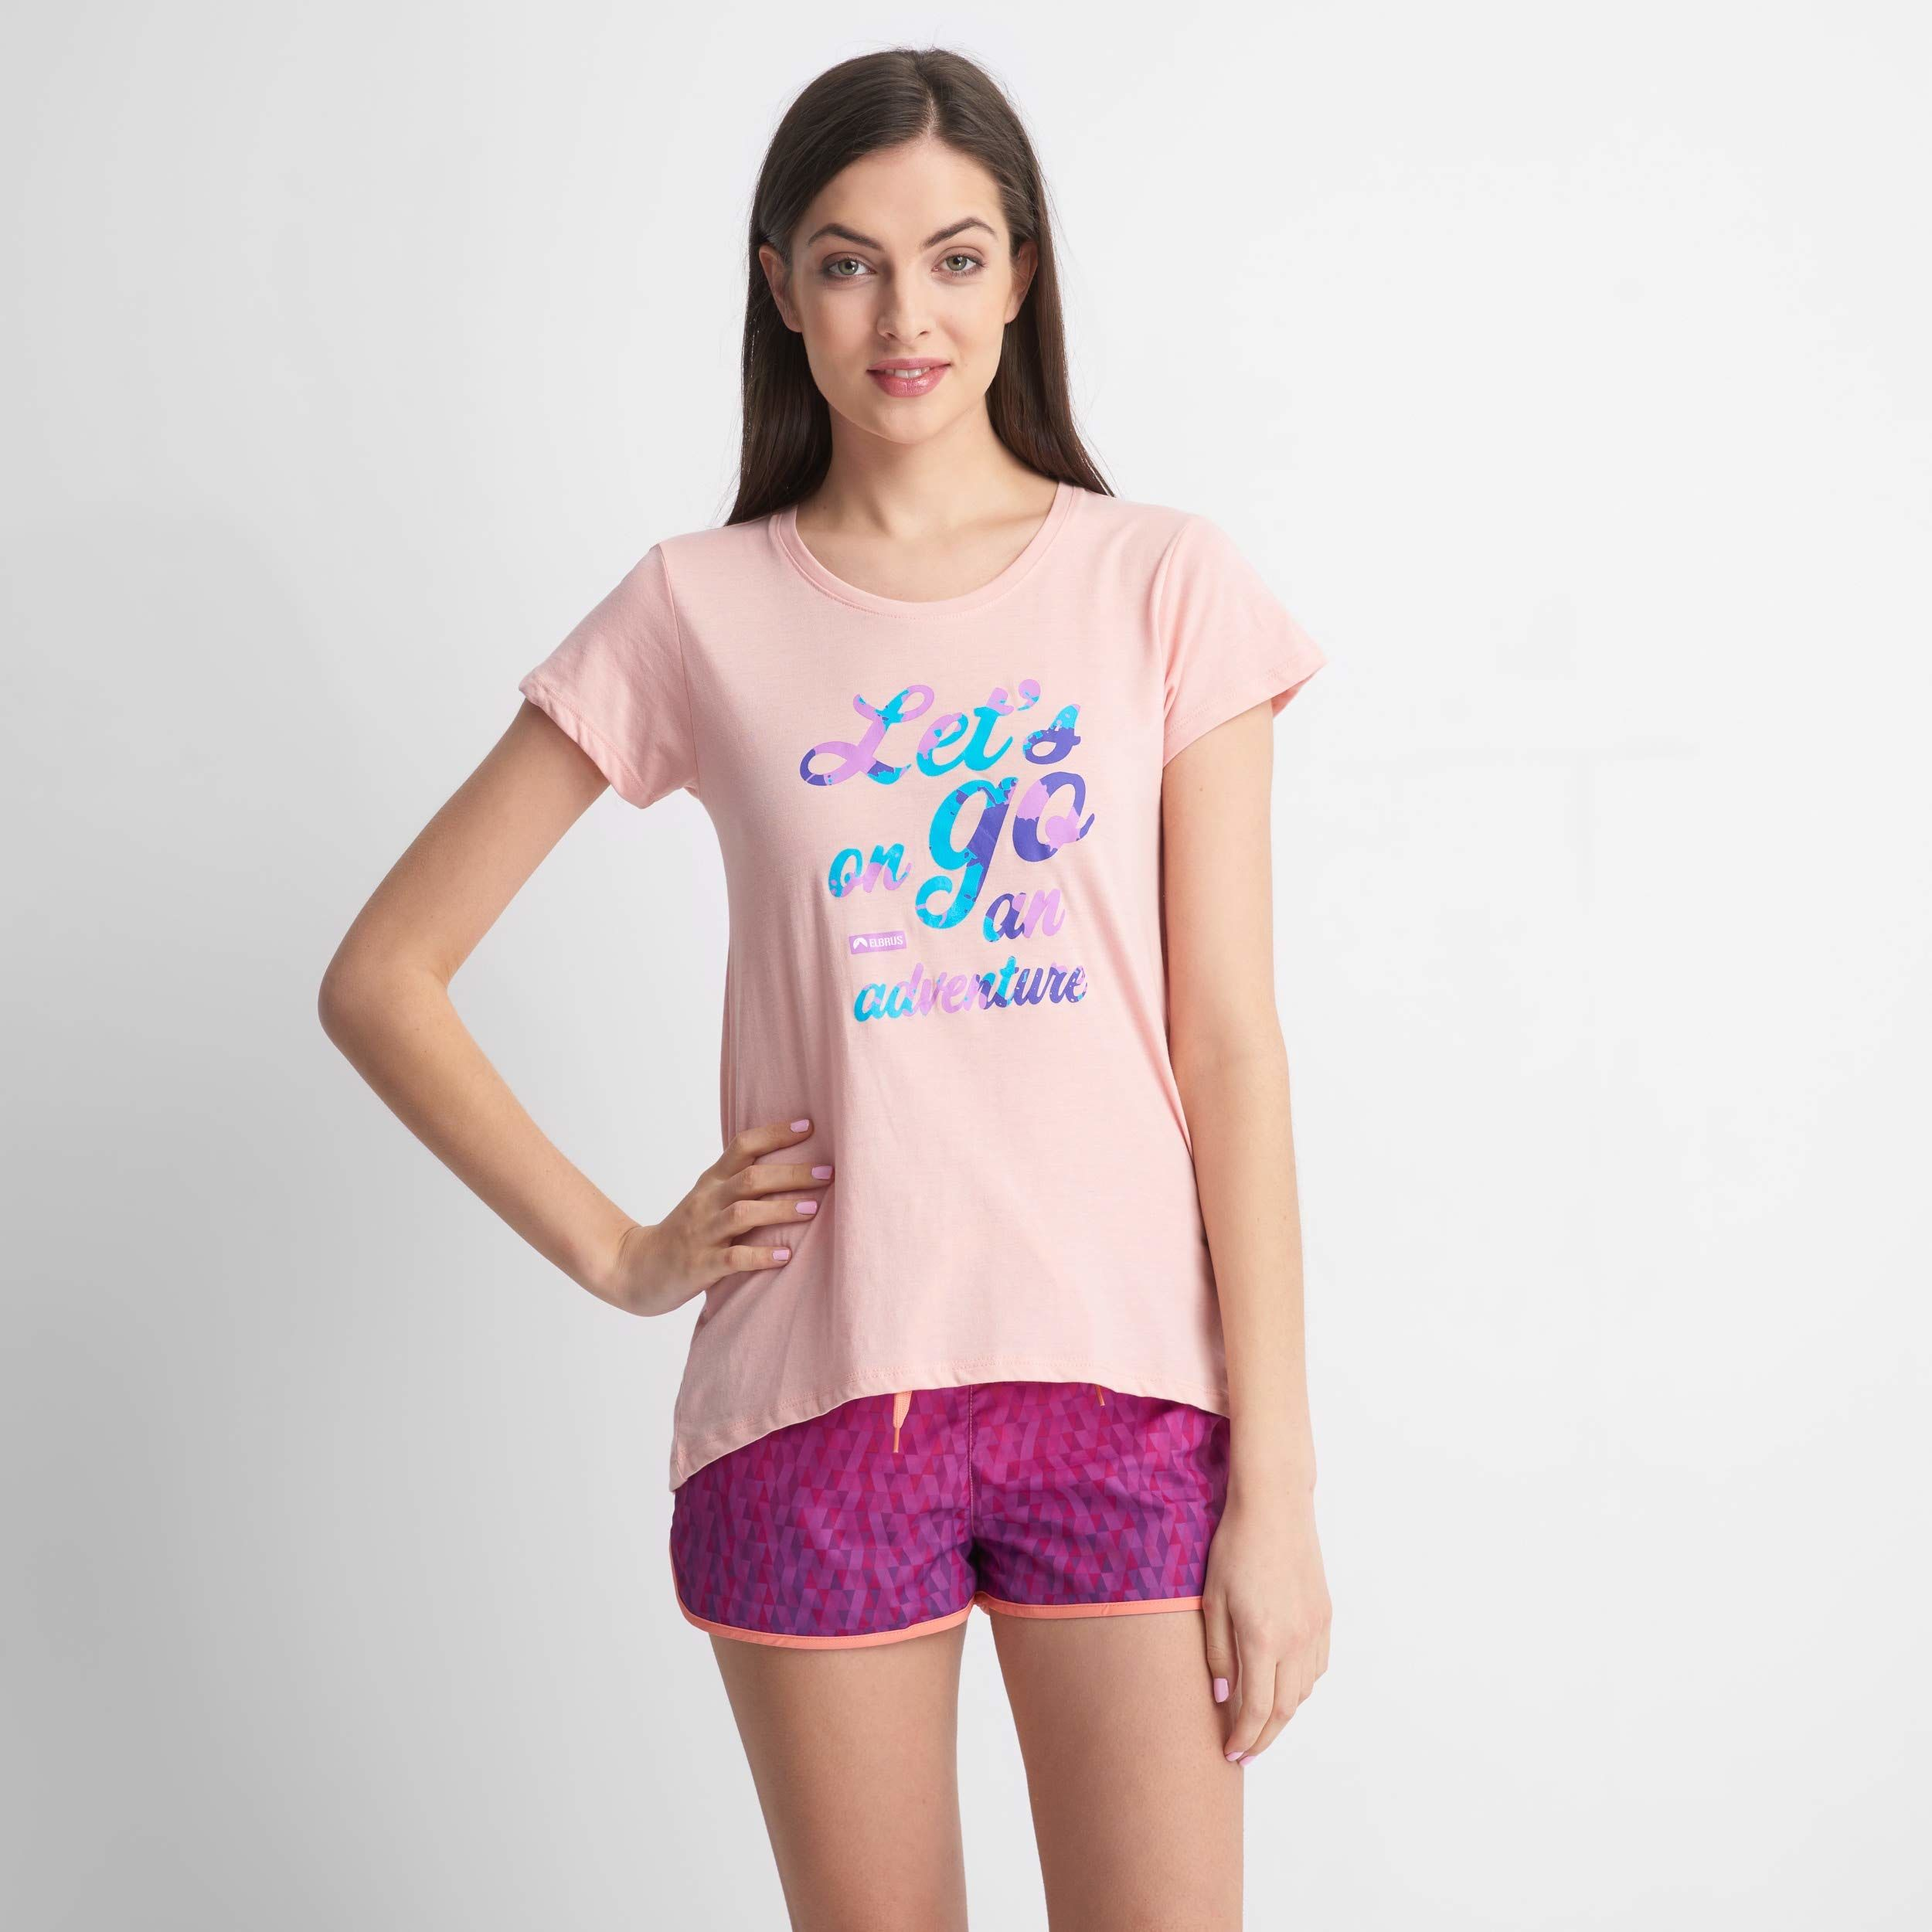 ELBRUS EMAS WO''S T-shirt, jasnoróżowy, XS